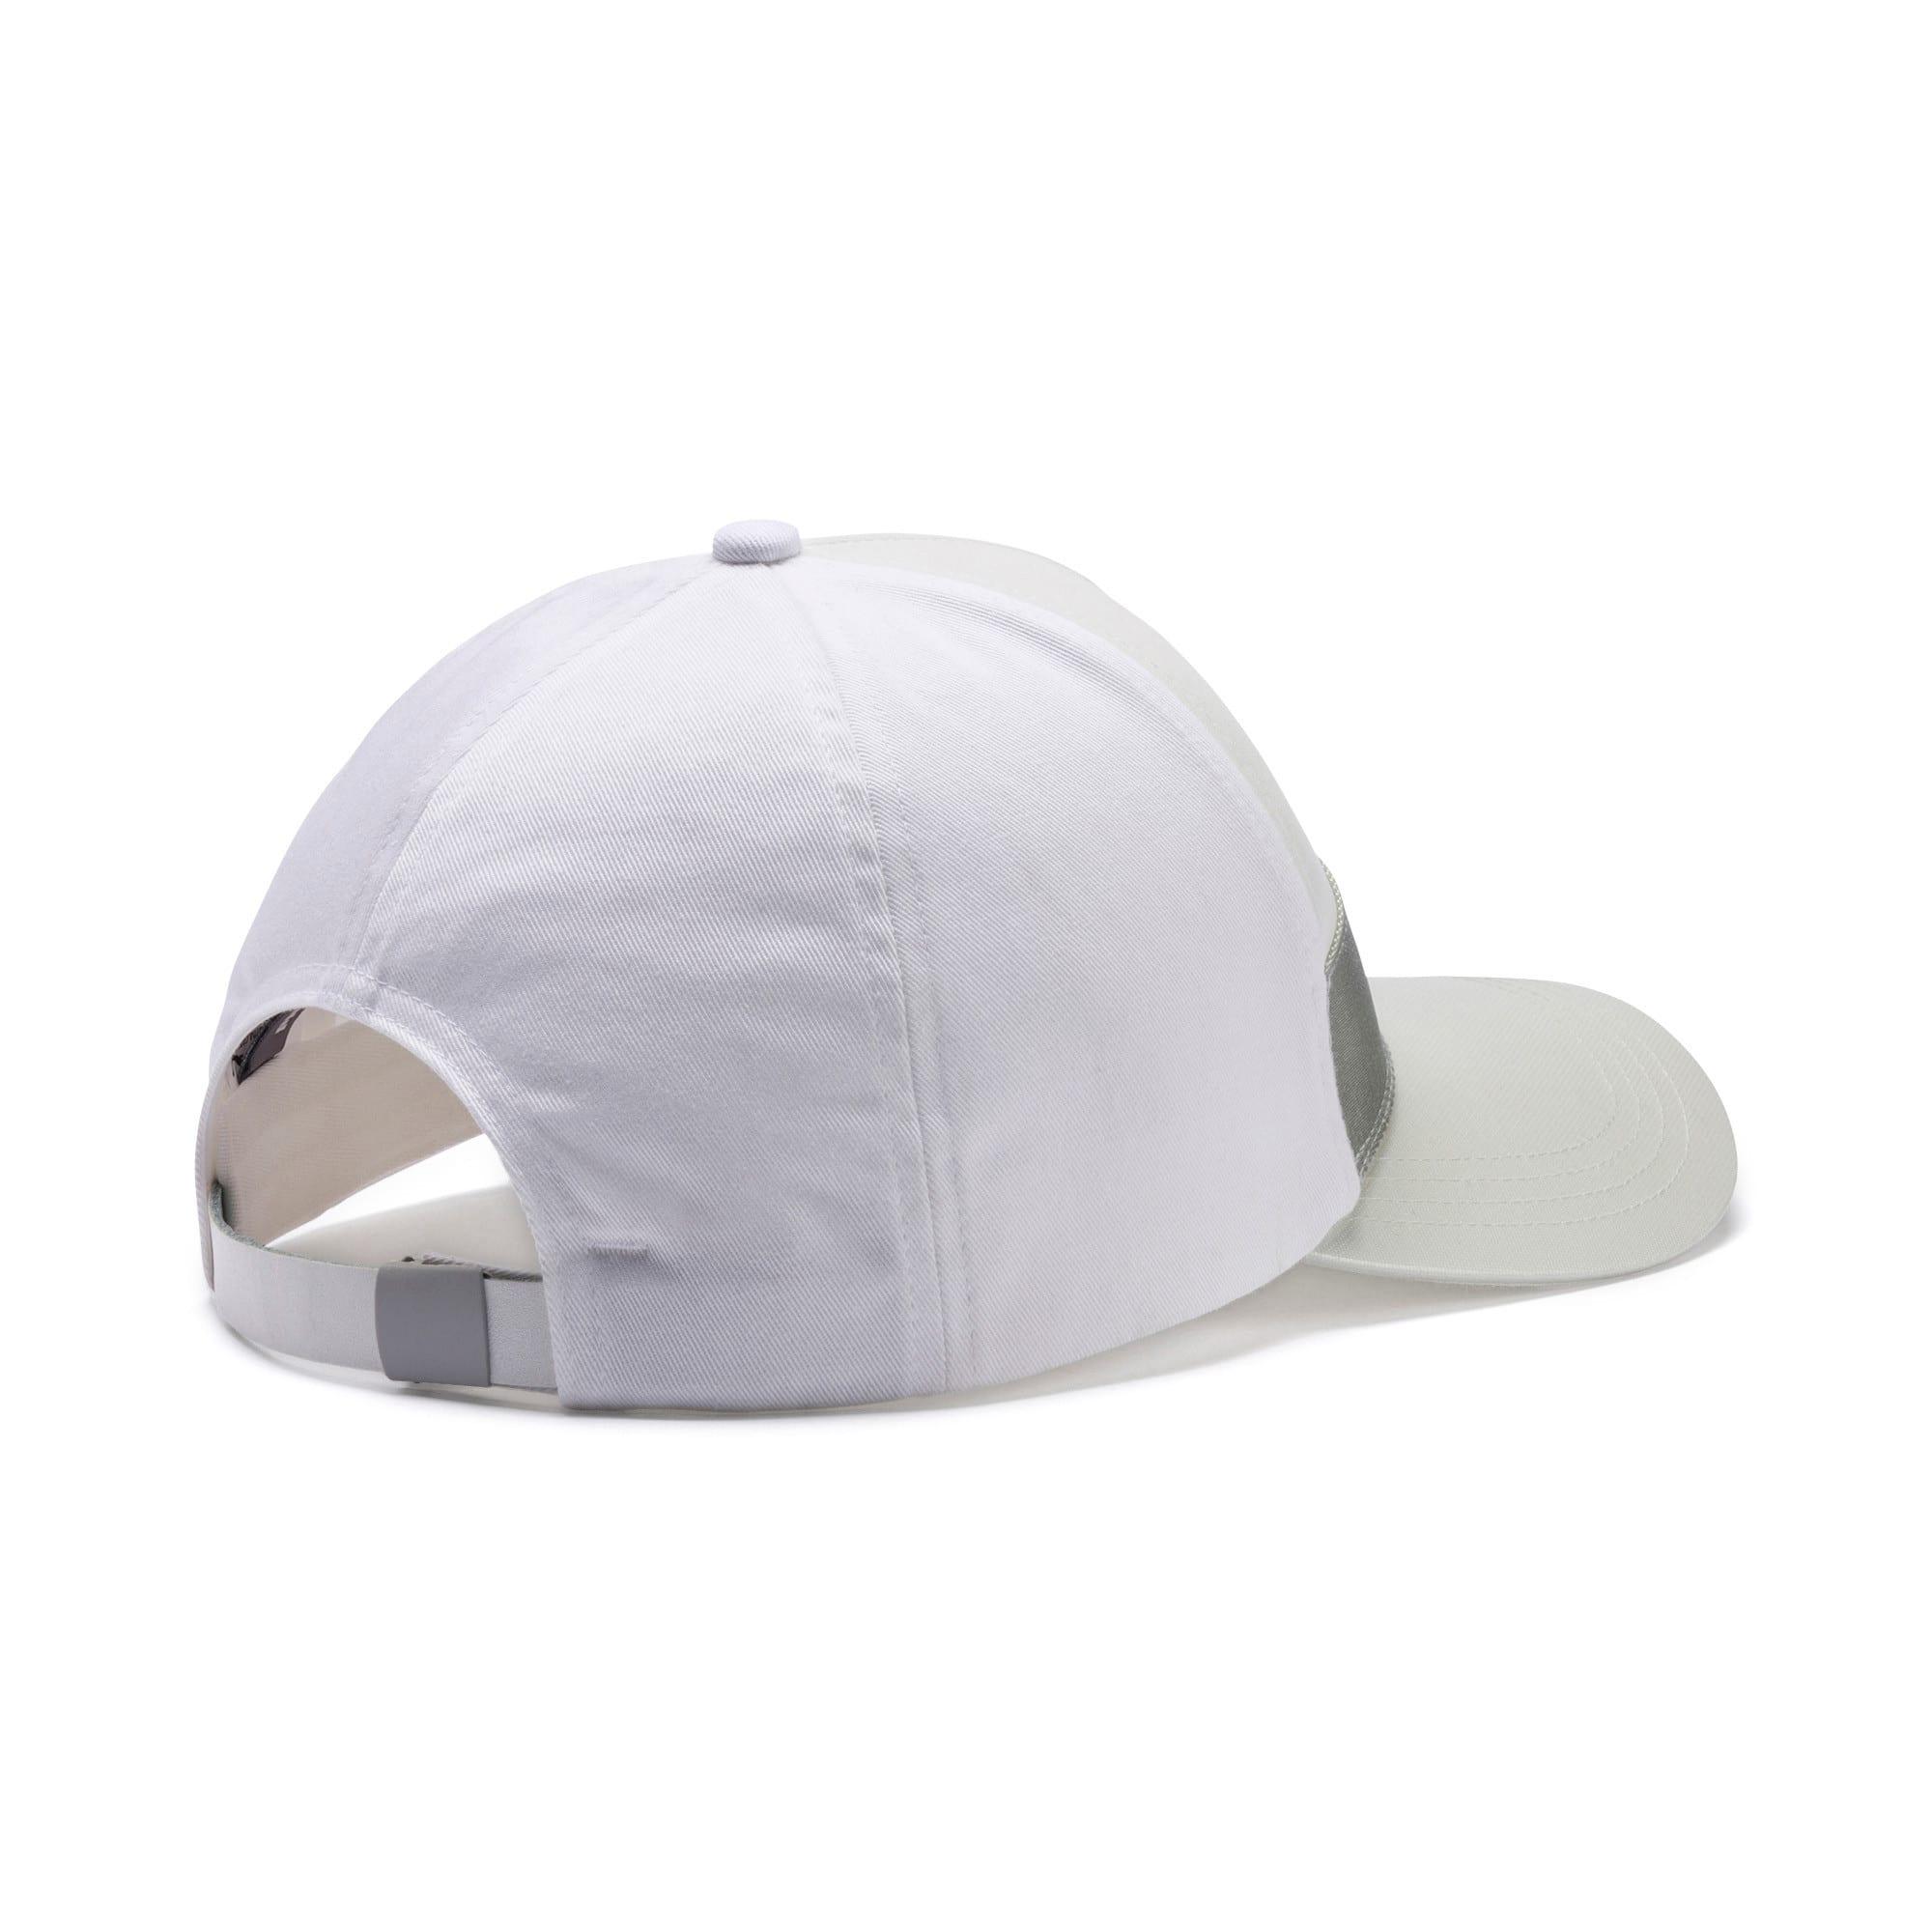 Thumbnail 2 of SG x PUMA Style Cap, Puma White, medium